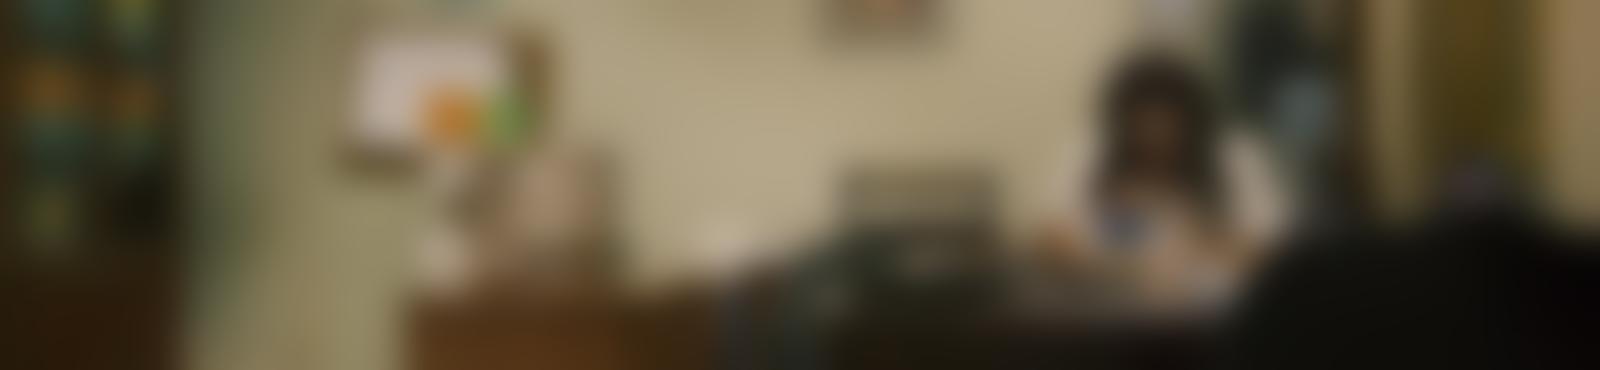 Blurred 91e41341 0c83 49f4 9dc0 37e29938c36a